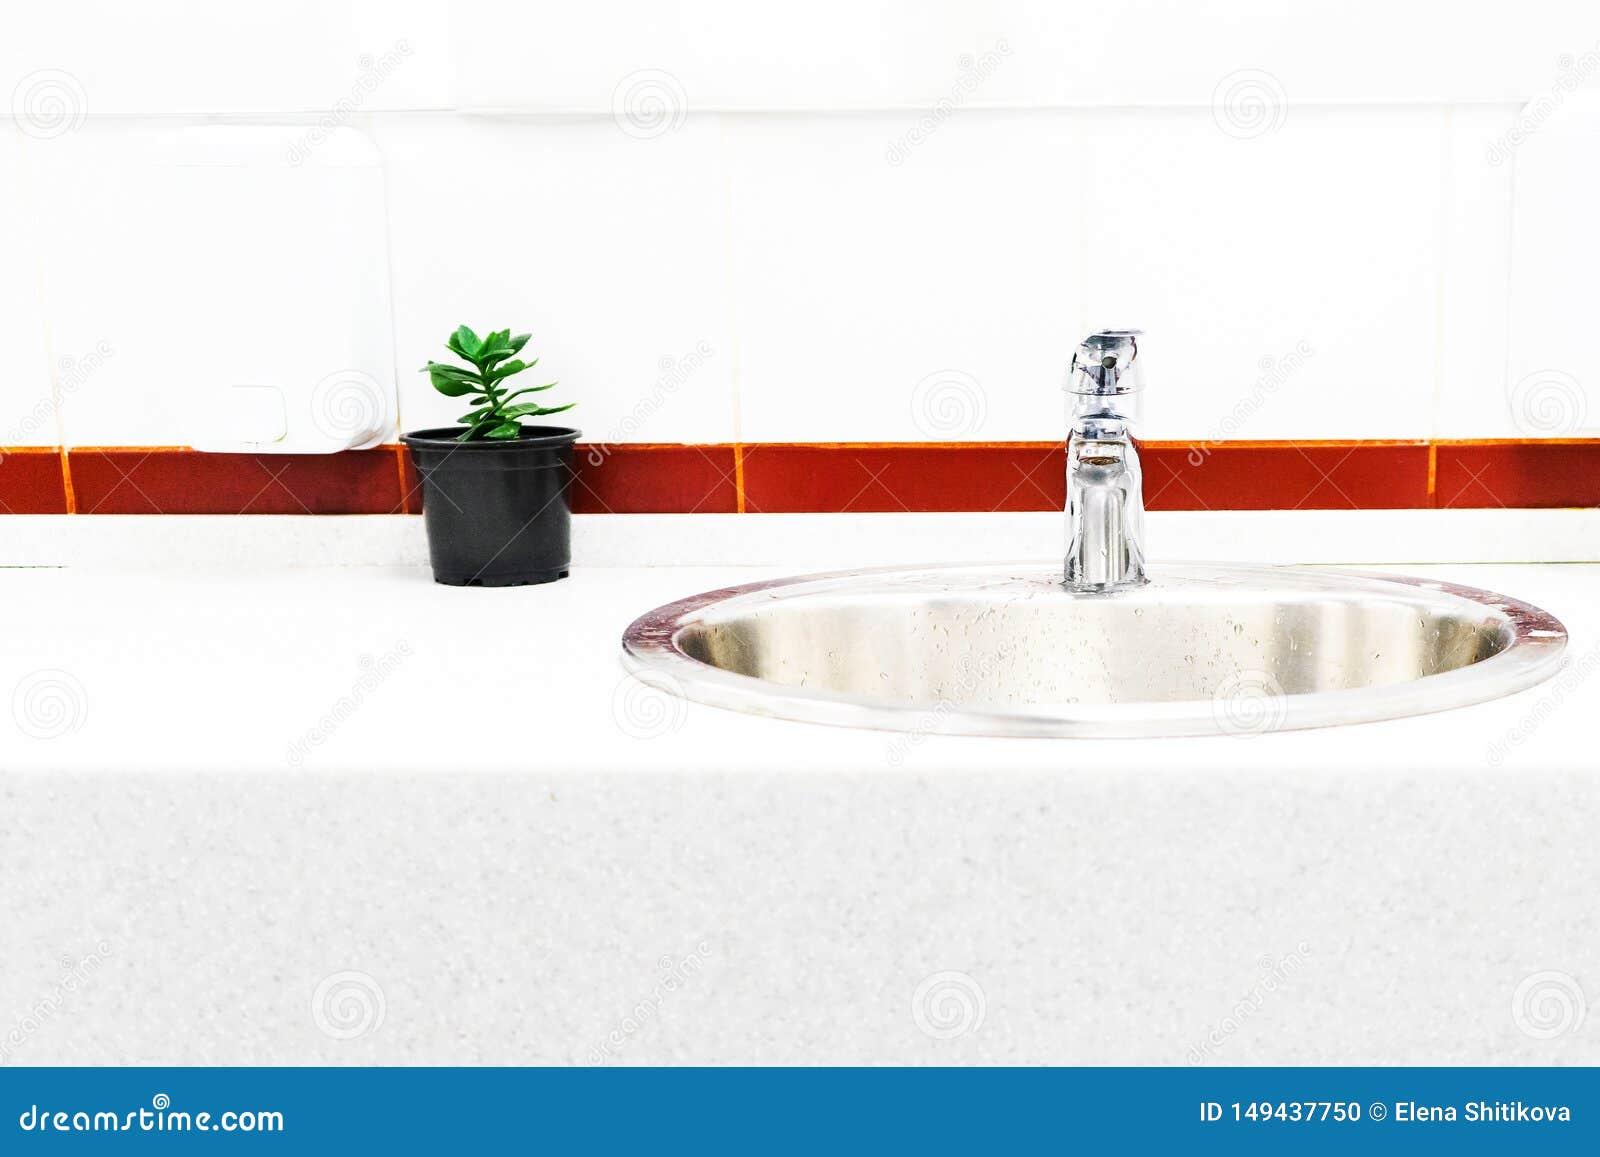 Zlew w łazience na tle jaskrawe płytki z jaskrawym lampasem projekt kwiat w garnku